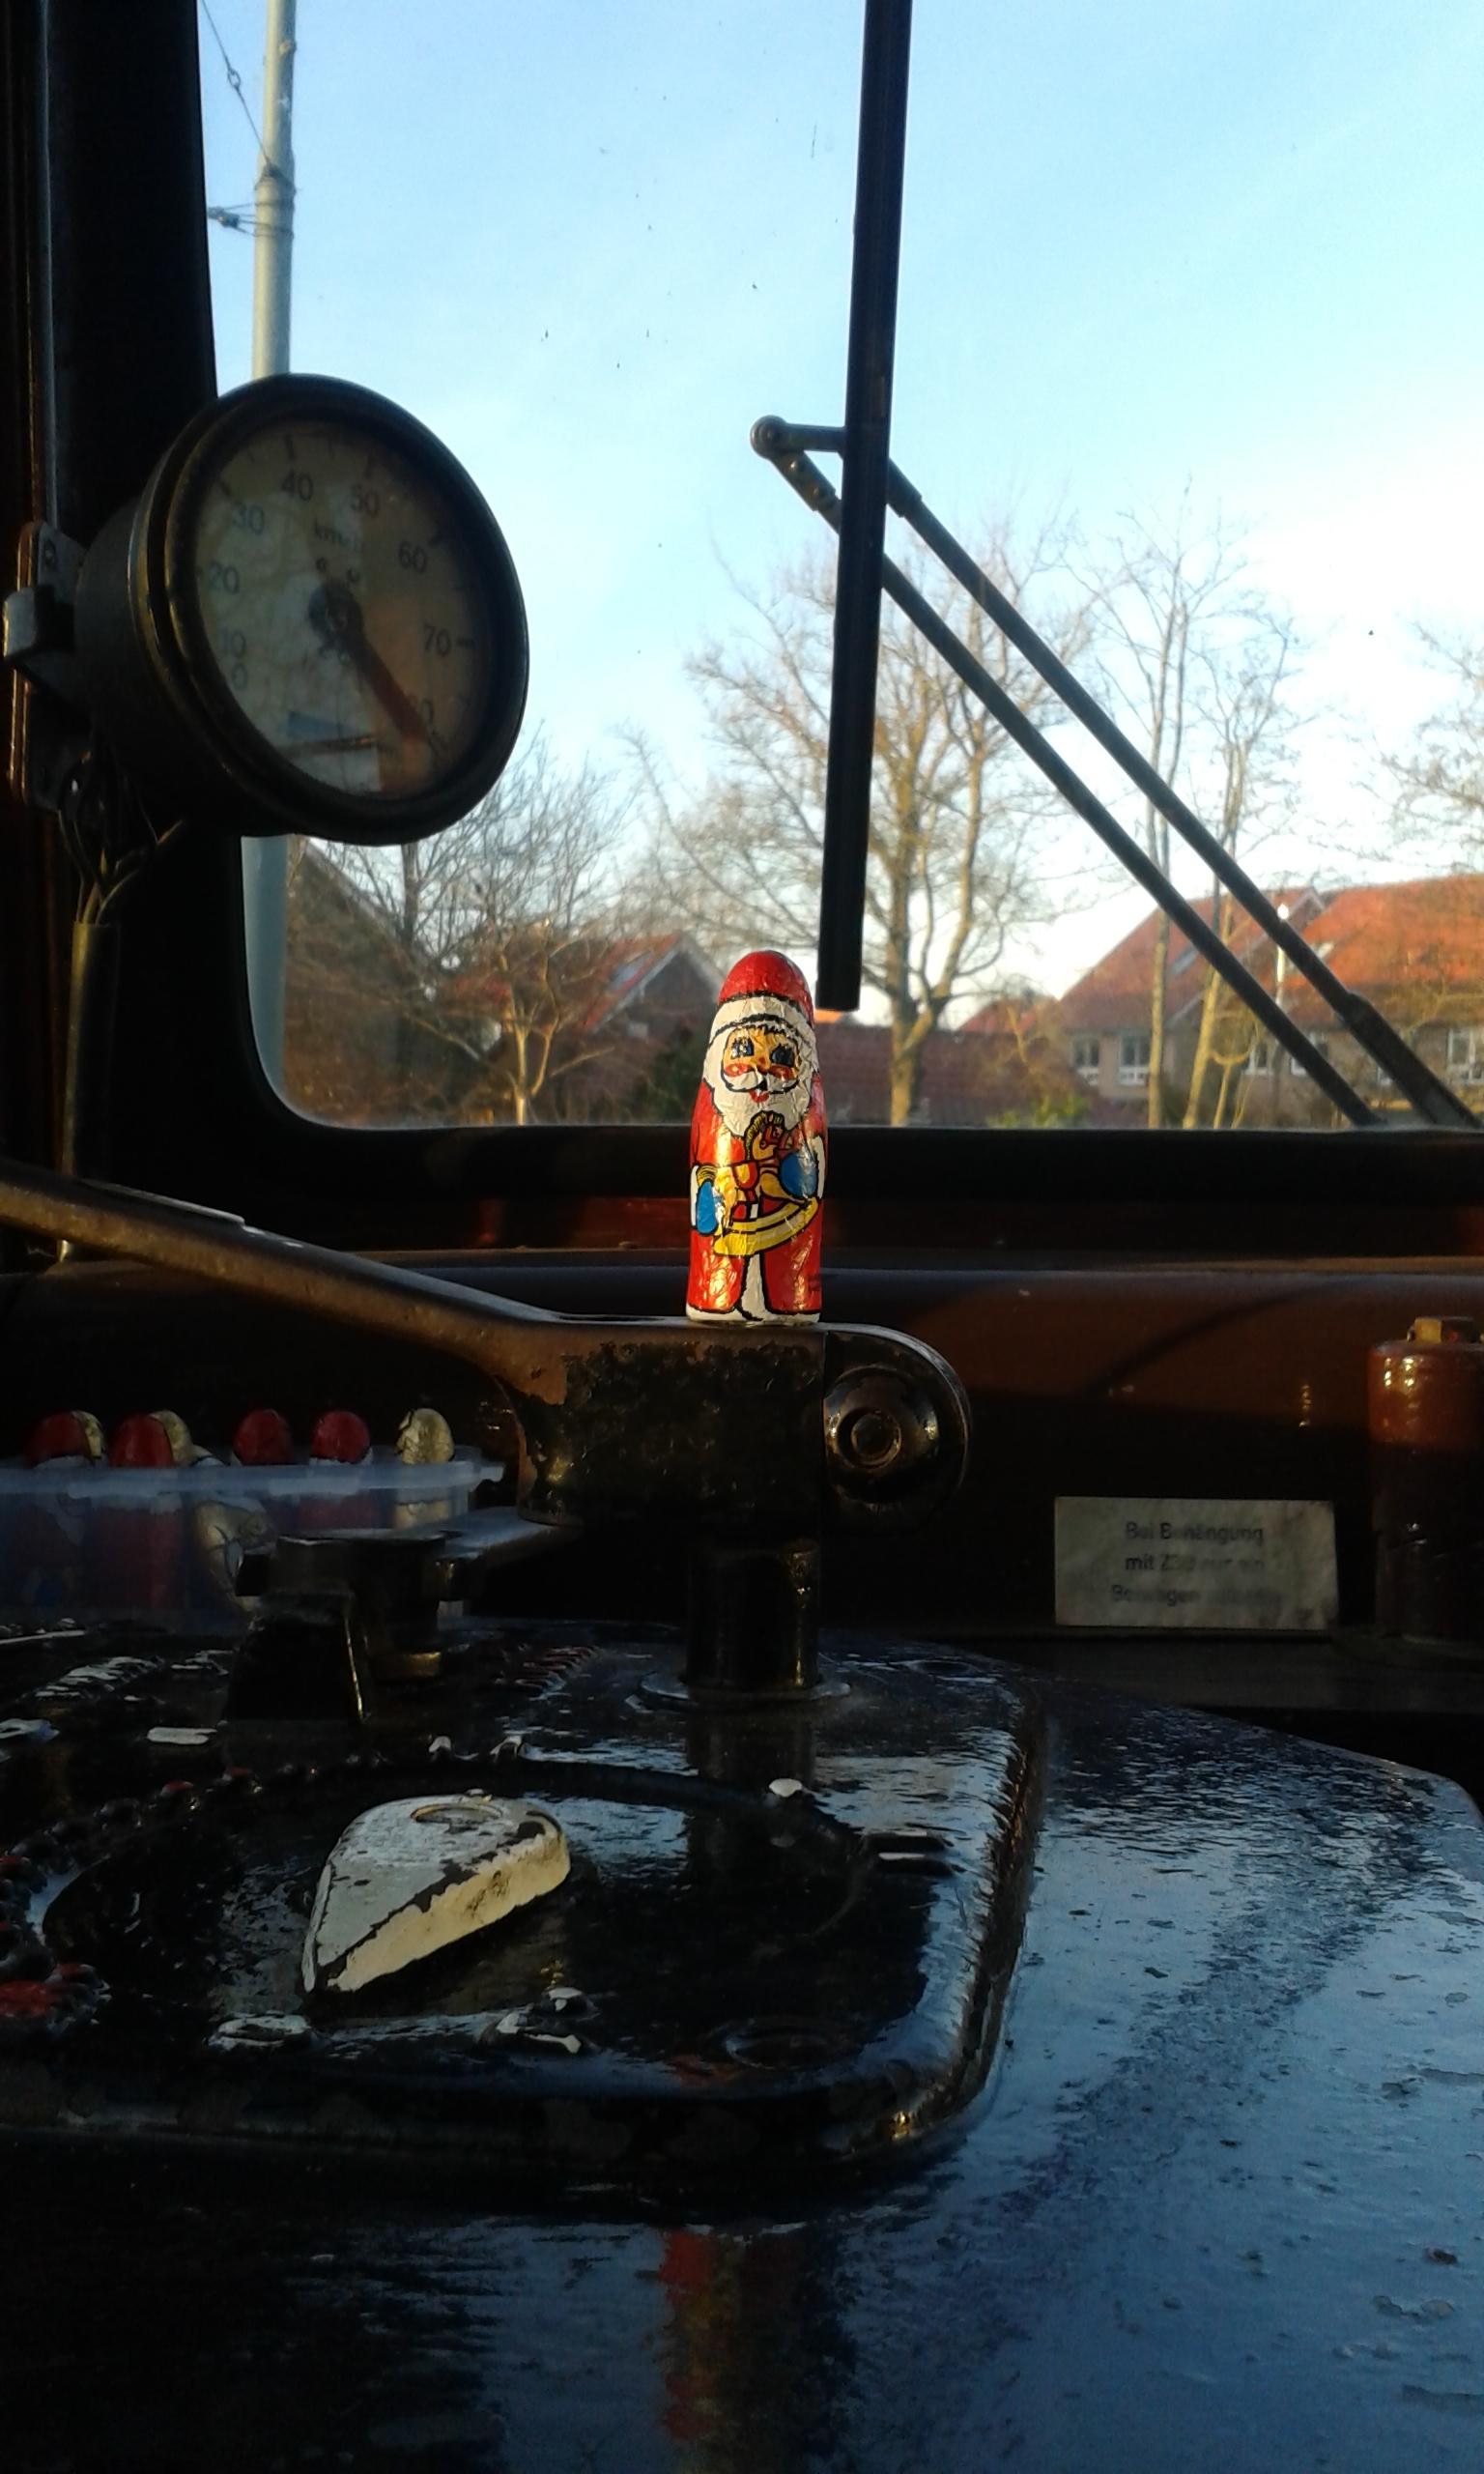 Der Weihnachtsmann an der Kurbel des Wagen V3 2970